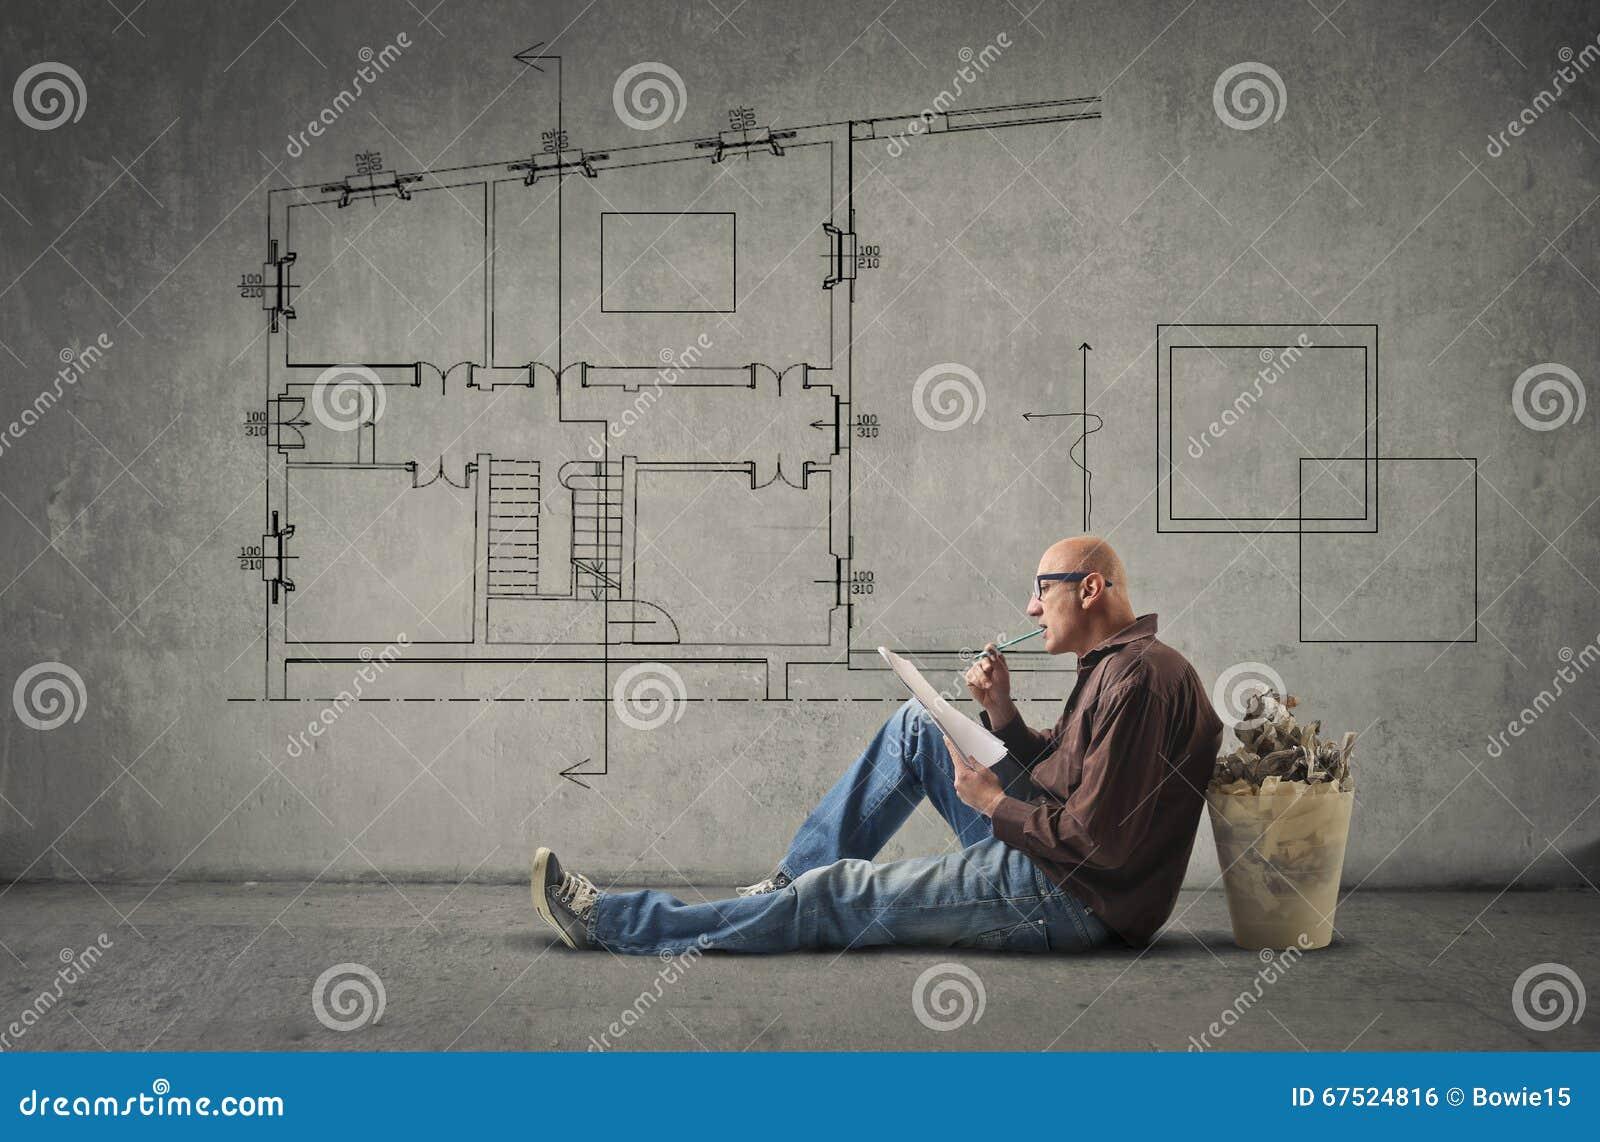 Architekt, der ein Haus entwirft